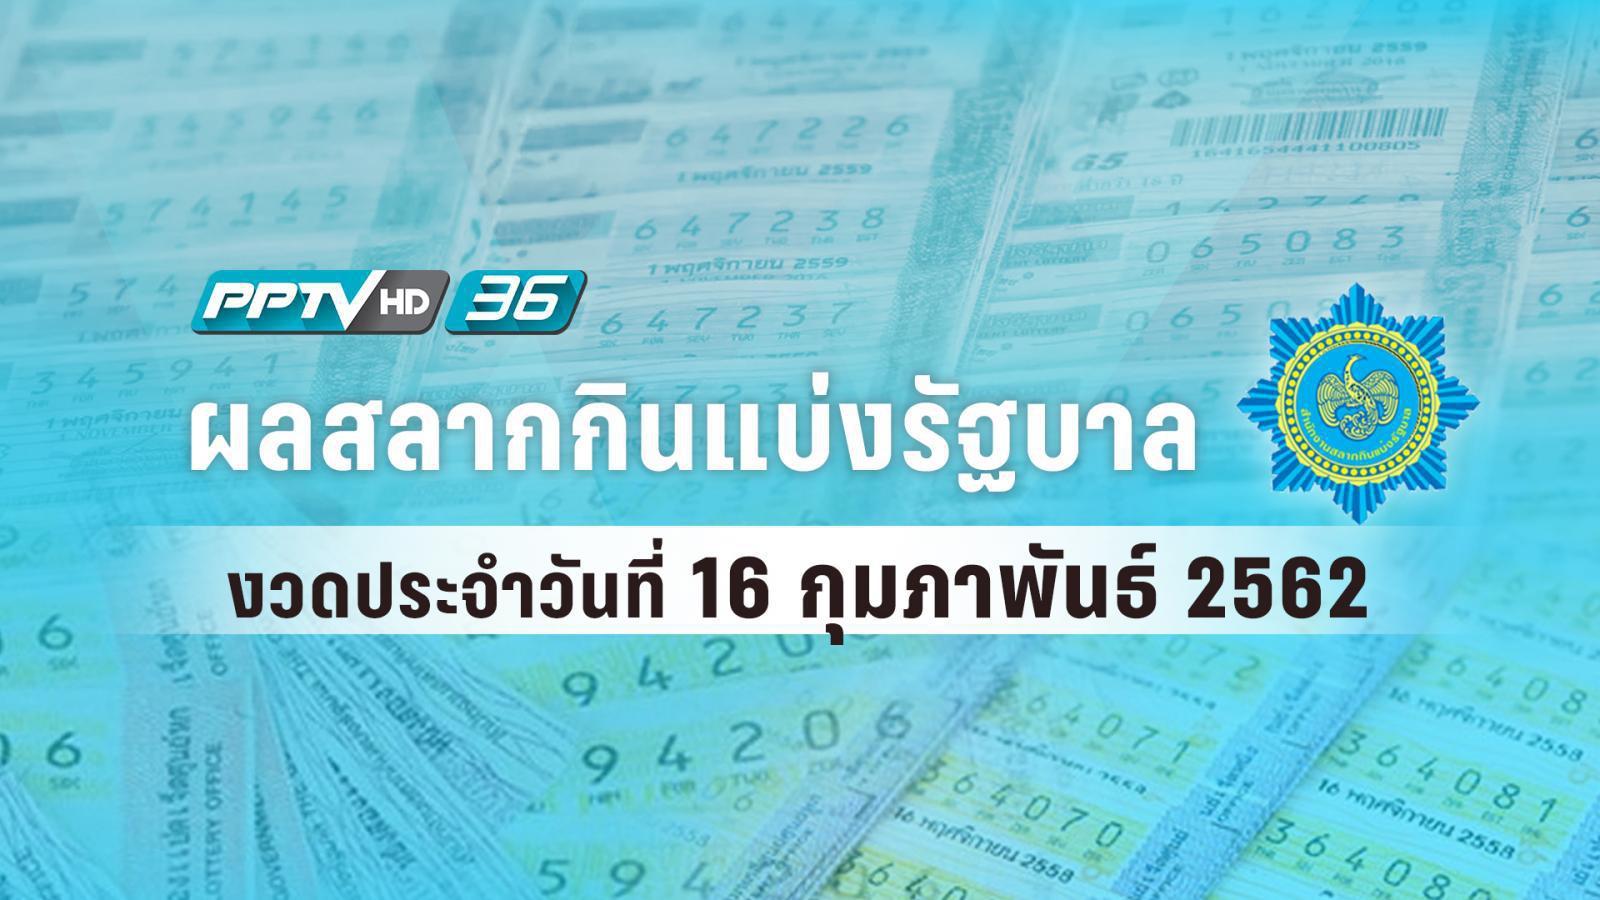 ผลสลากกินแบ่งรัฐบาล งวดวันที่ 16 กุมภาพันธ์ 2562 : PPTVHD36